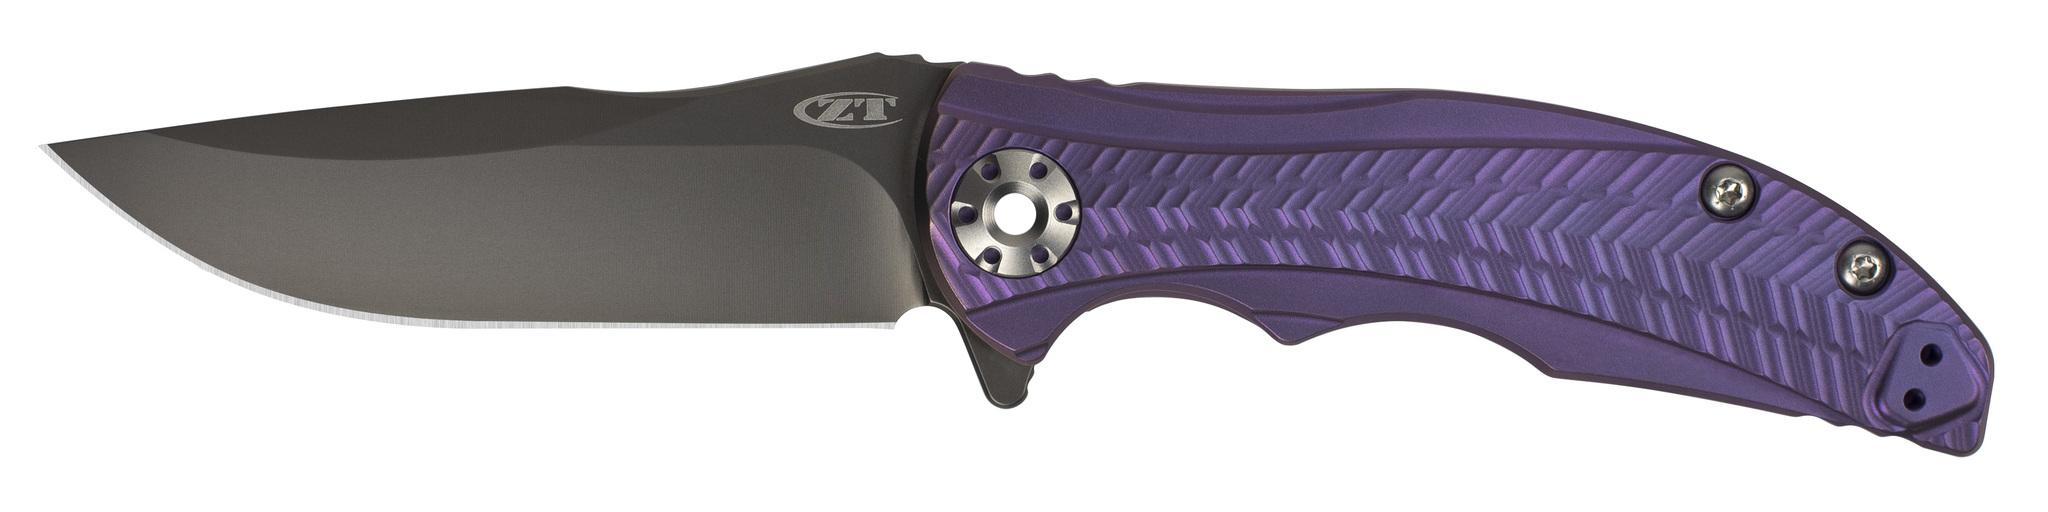 Купить Складной нож Zero Tolerance K0609PU, сталь CPM-20CV, покрытие Black DLC, рукоять титан в России